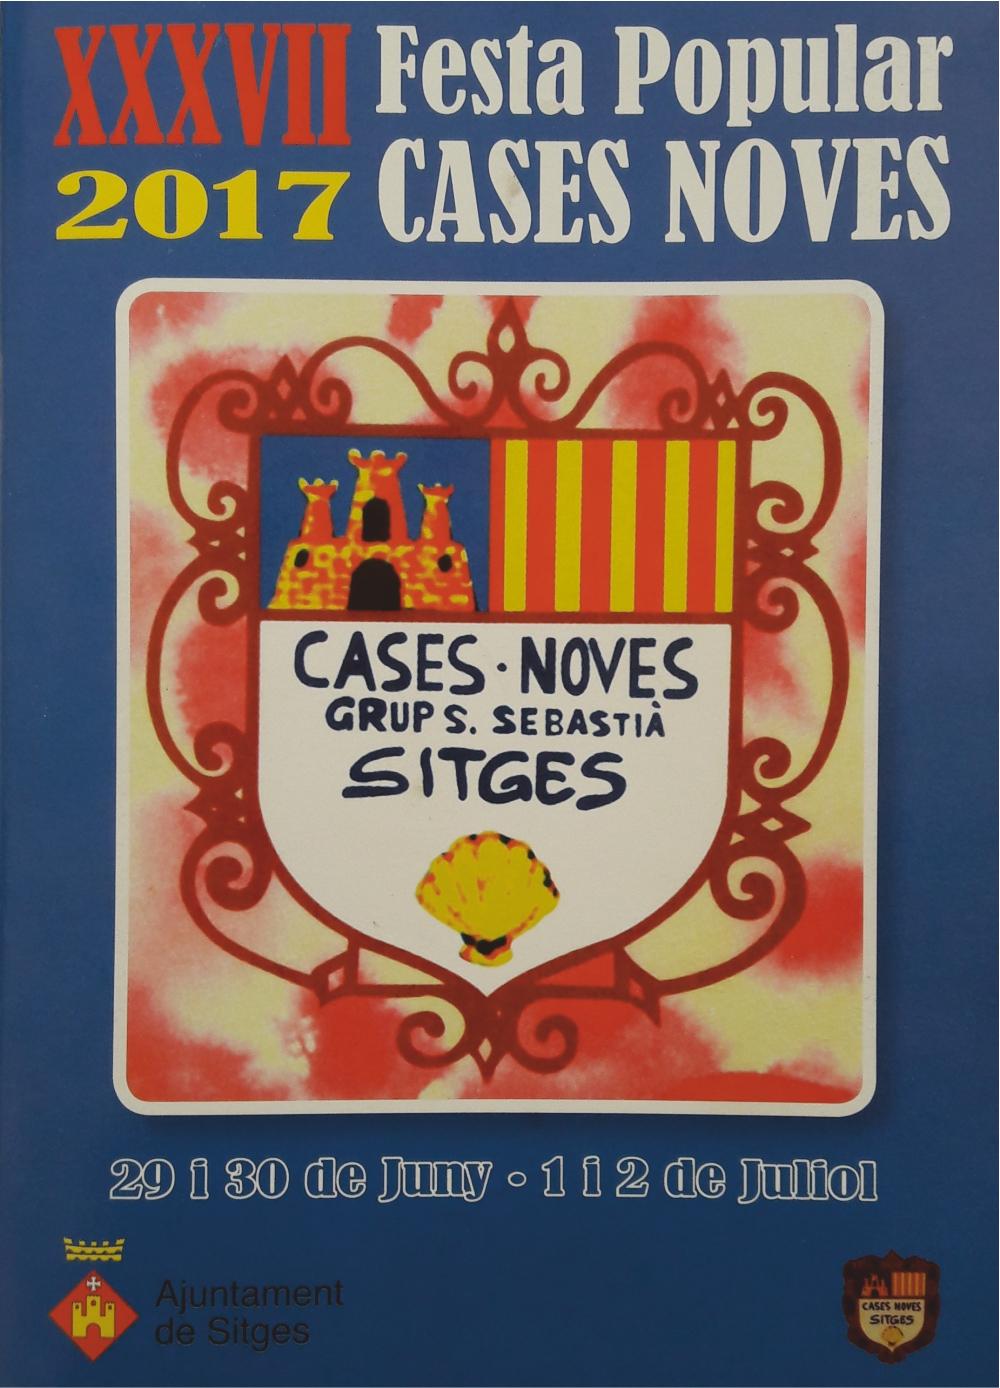 Festa popular cases noves sitges 2017